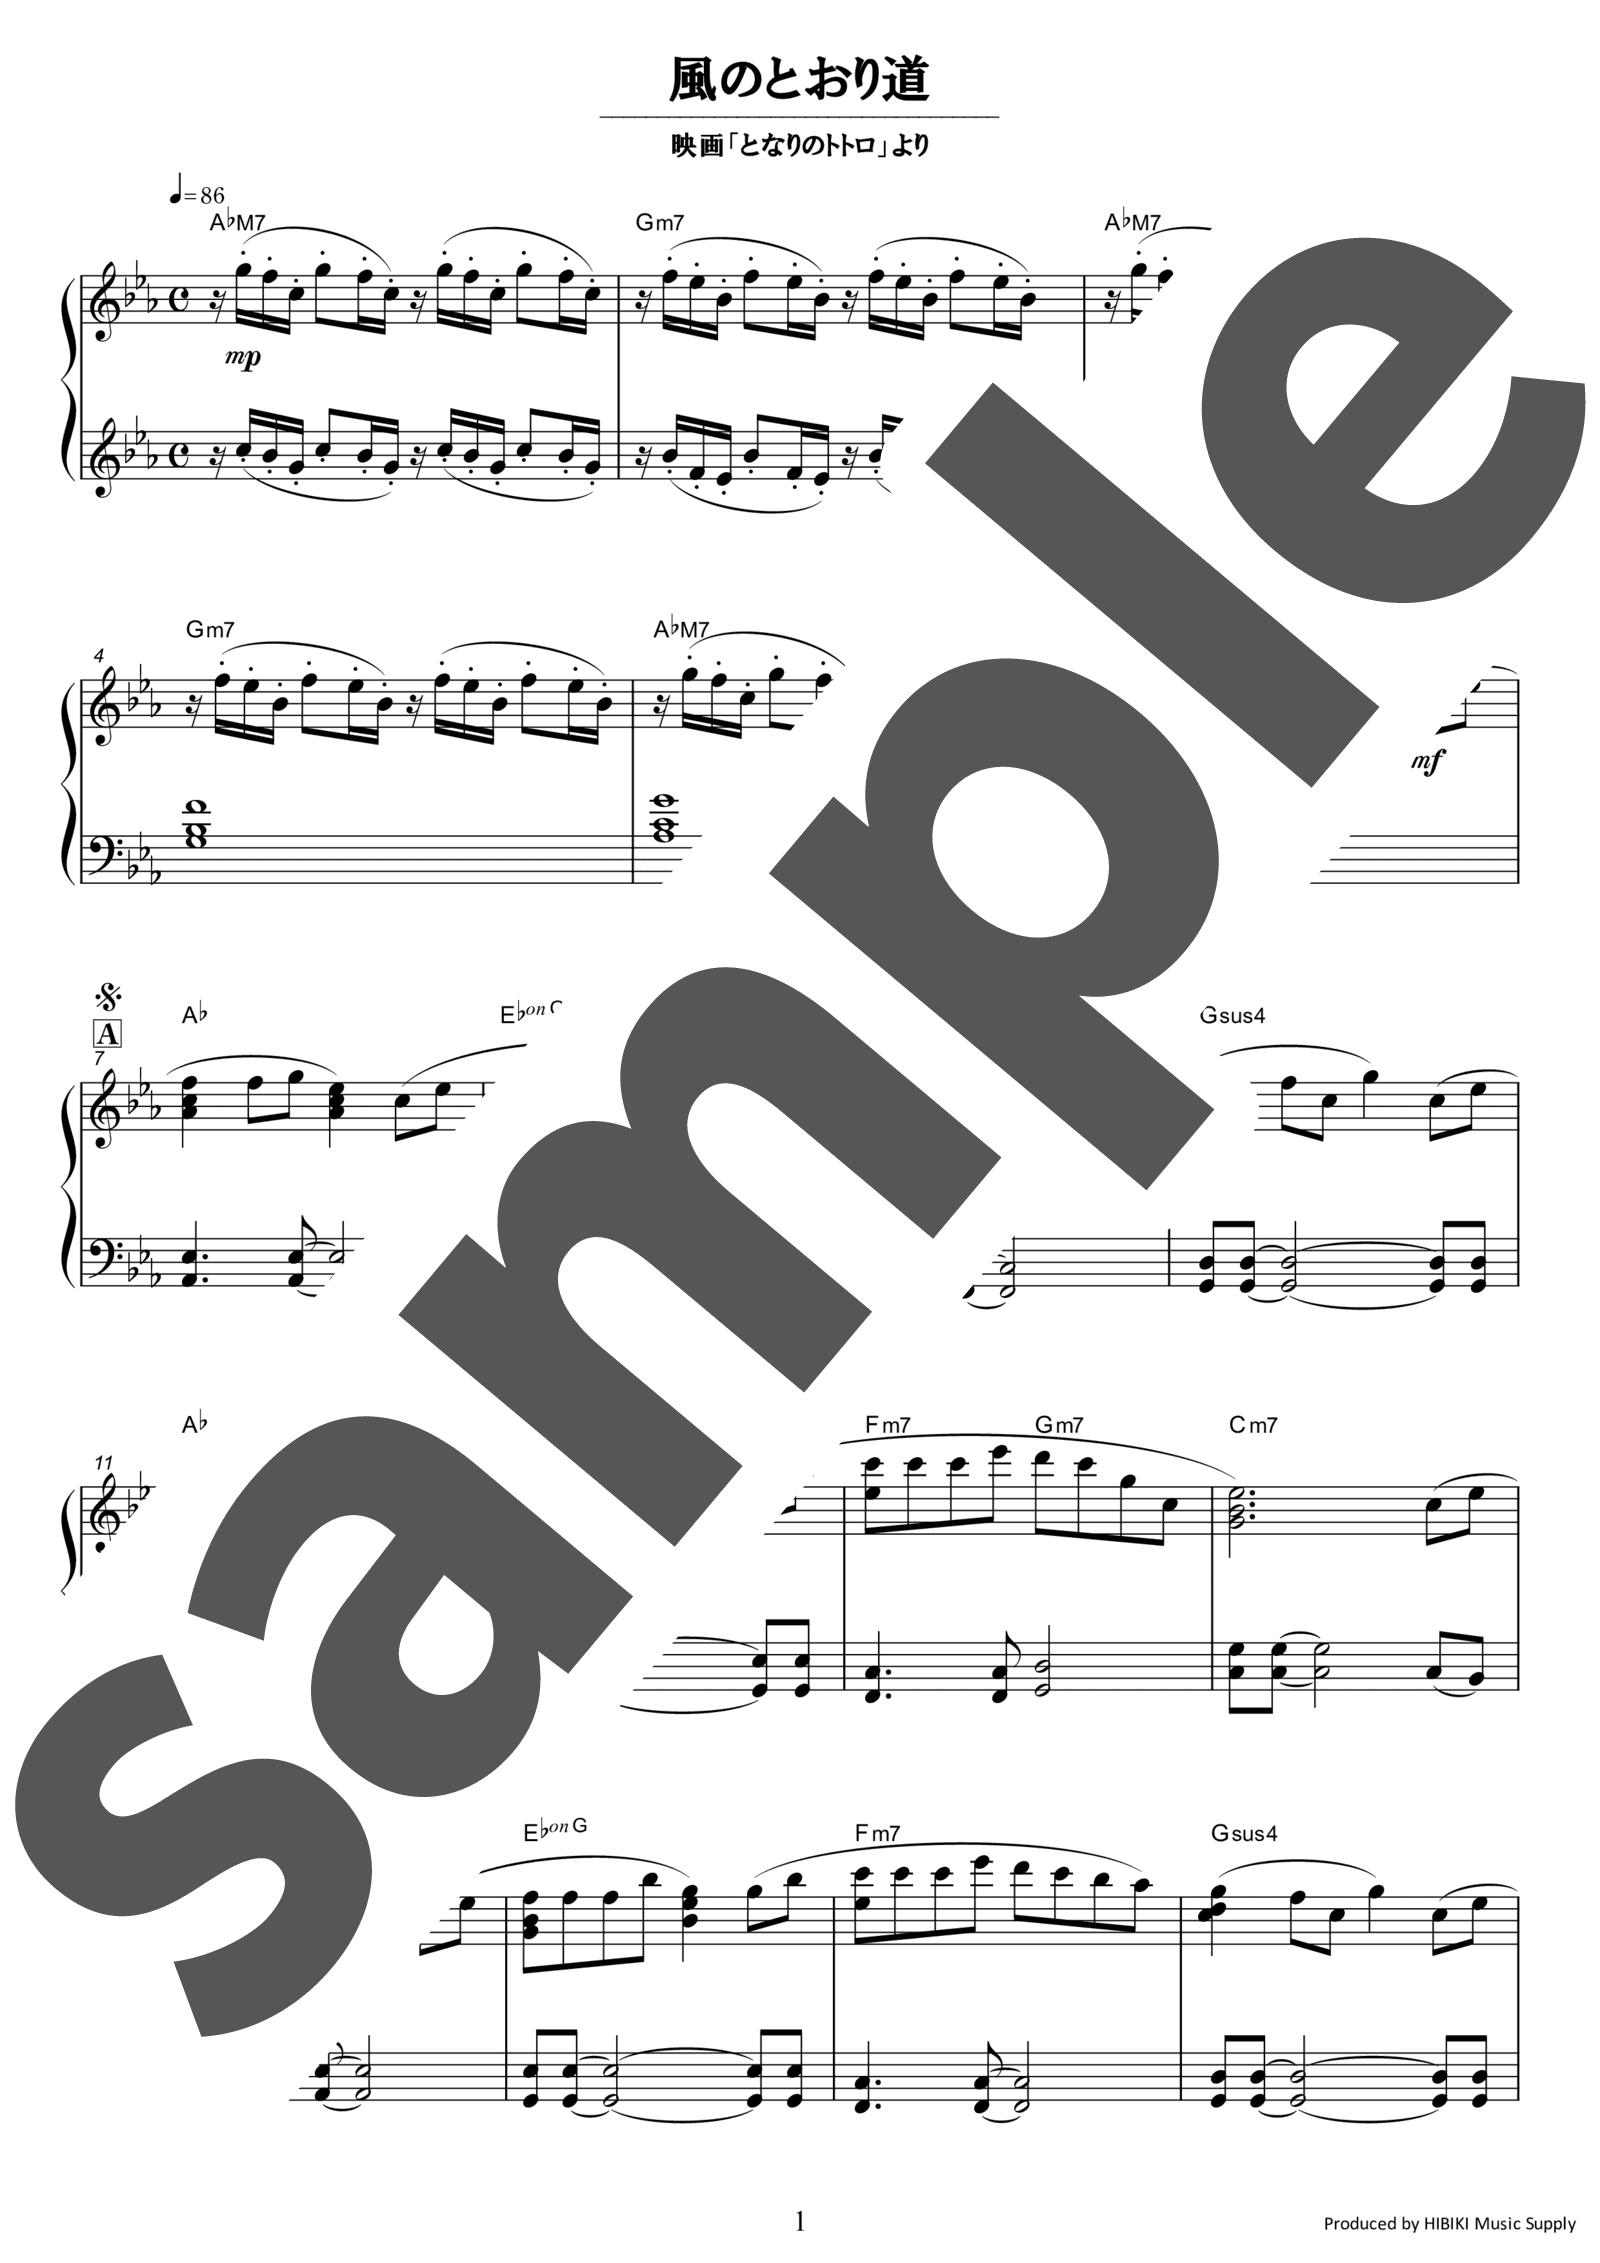 「風のとおり道」のサンプル楽譜